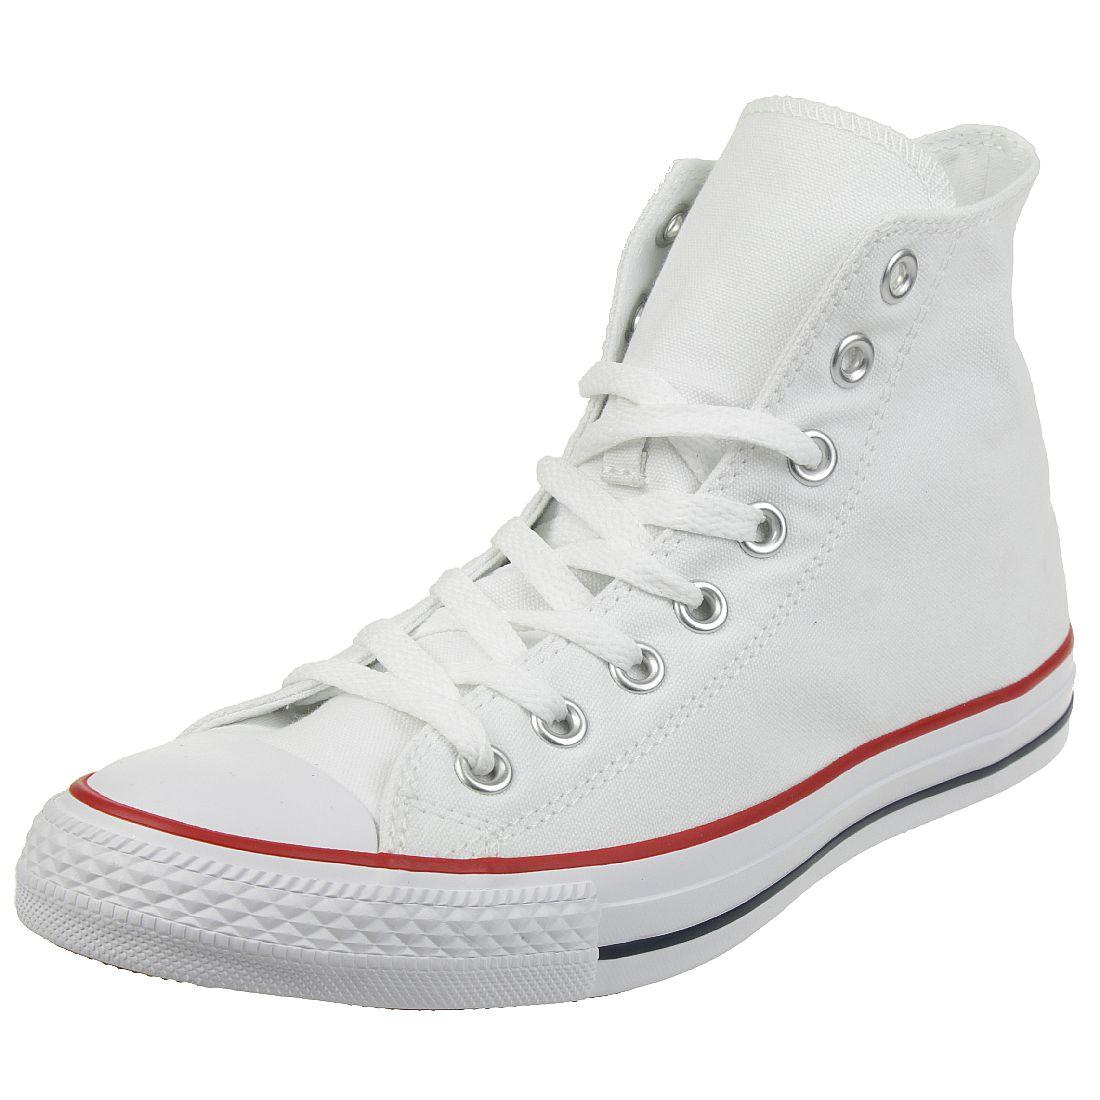 Schuhe von CONVERSE in speziellen Farben für Herren